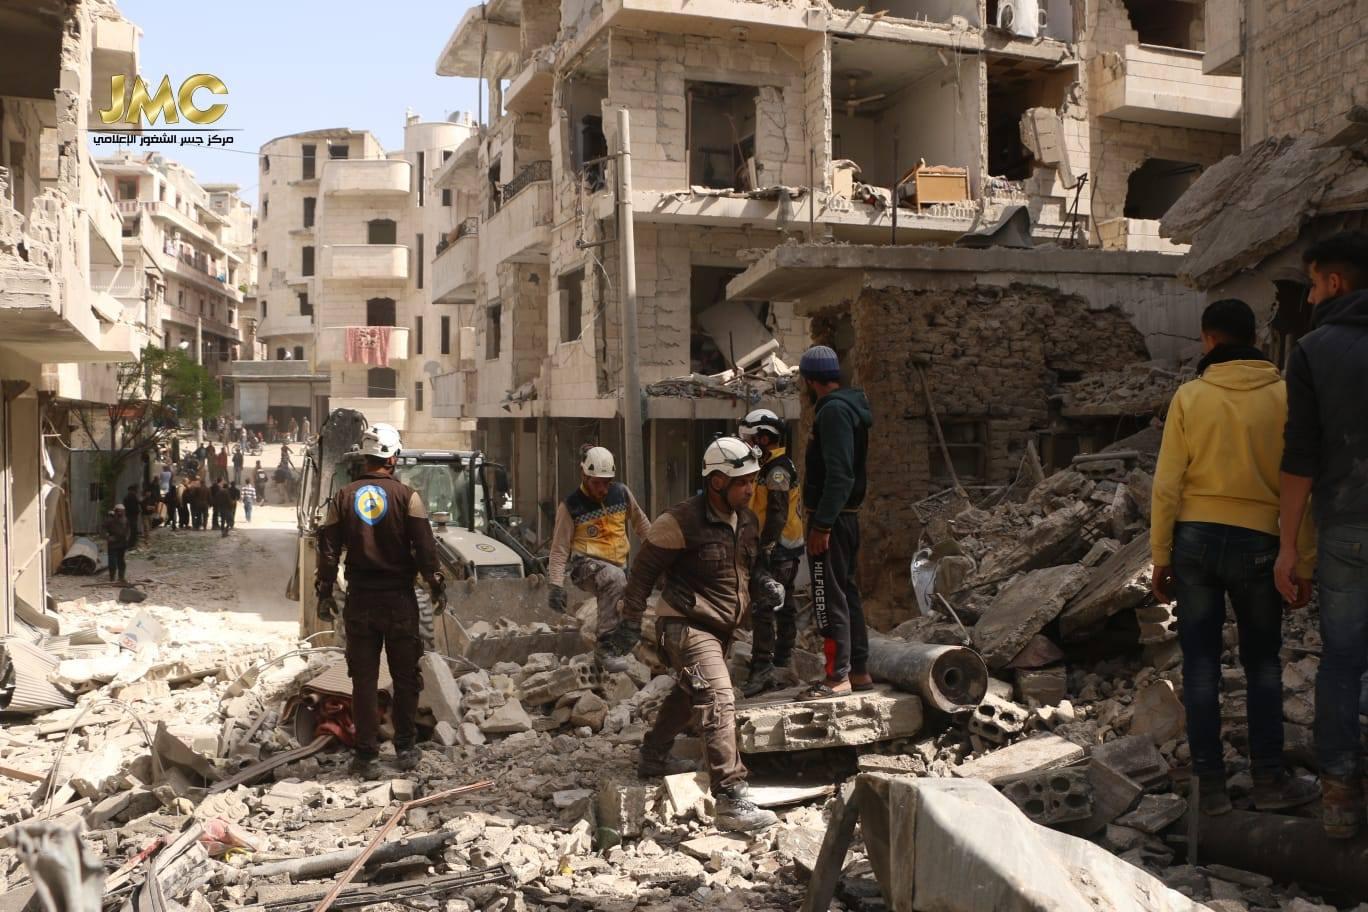 صورة انفجار في إدلب يوقع عشرات الضحايا والجرحى